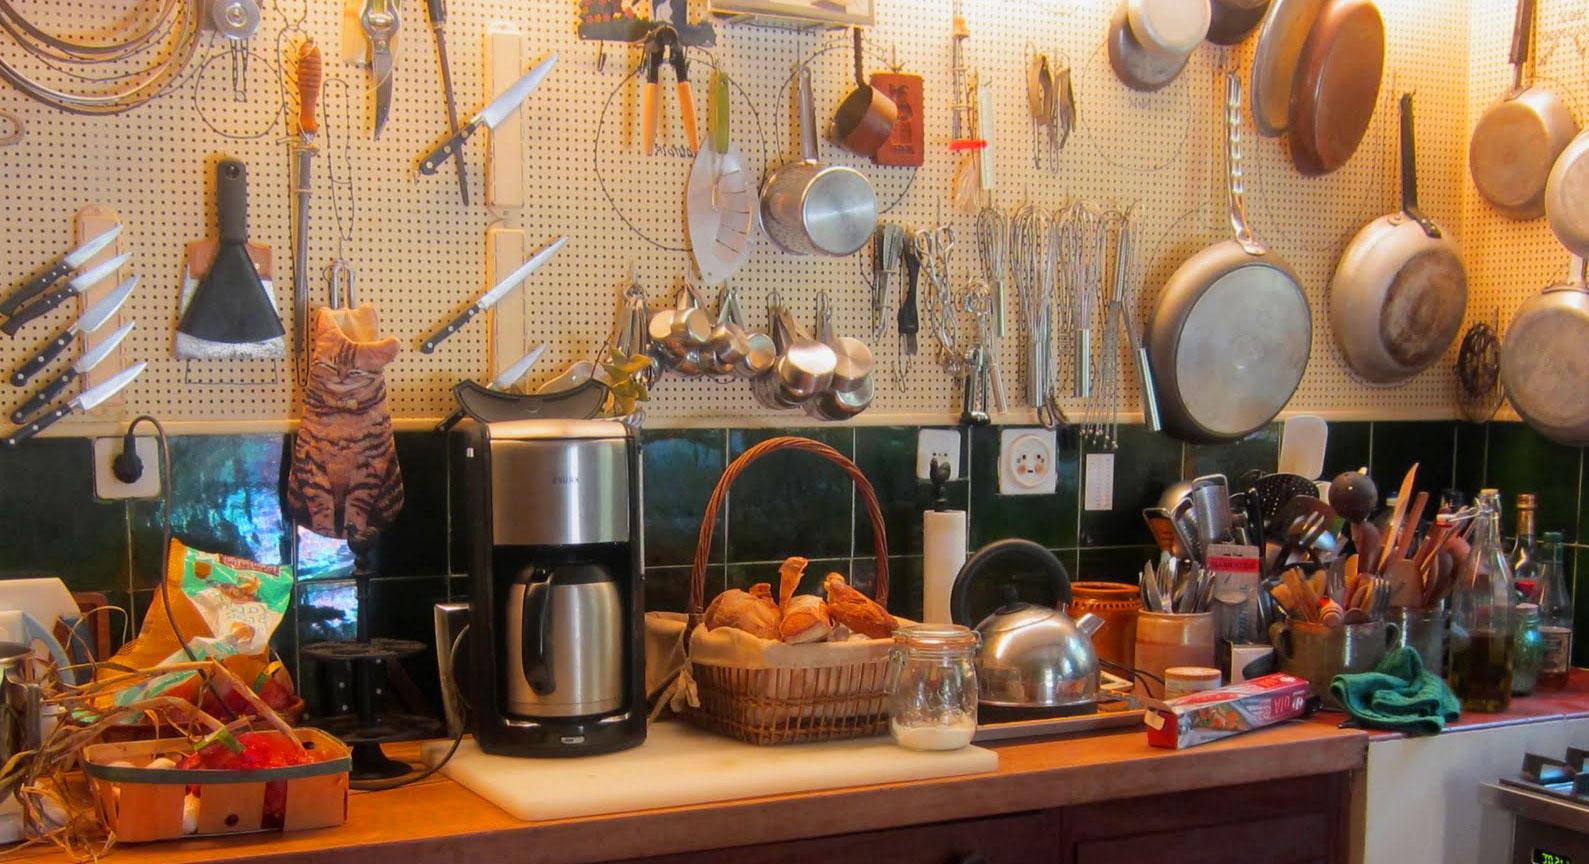 Правилните съдове за вашите готварски рецепти